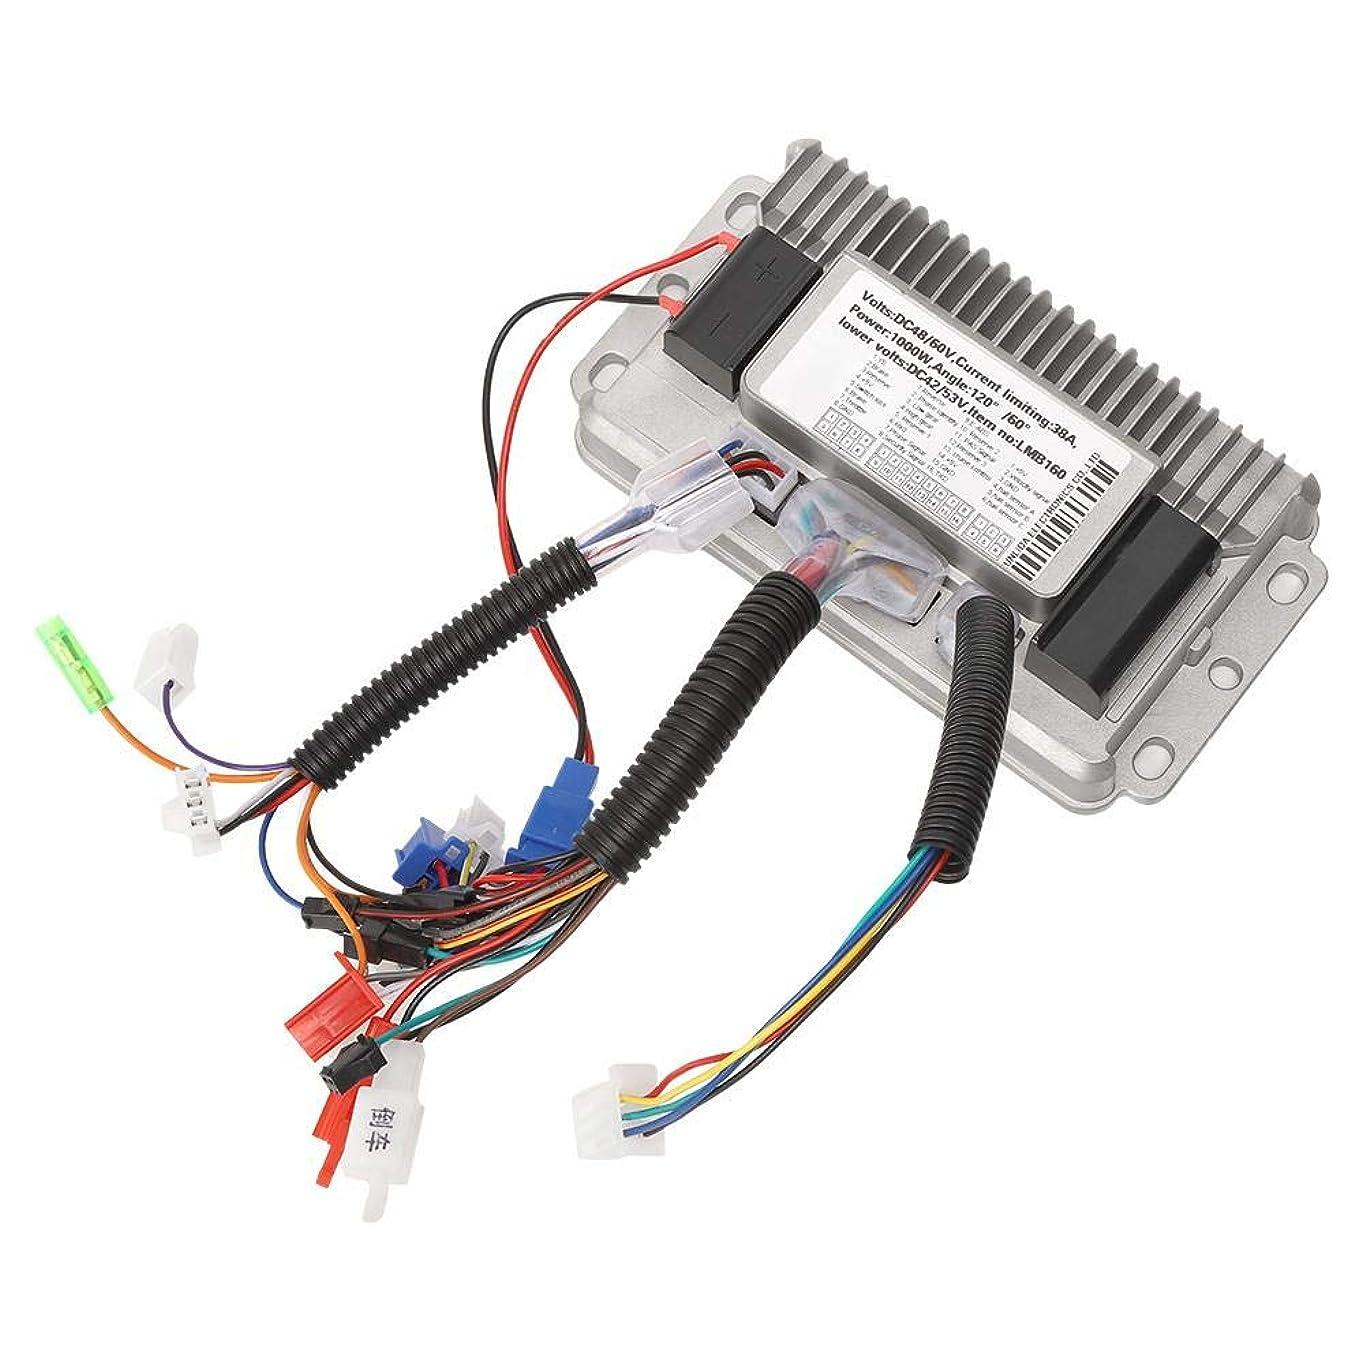 ギャング説教モーターブラシレスコントローラーの正弦波3モードブラシレス電気コントローラーDCモーター速度制御の部品